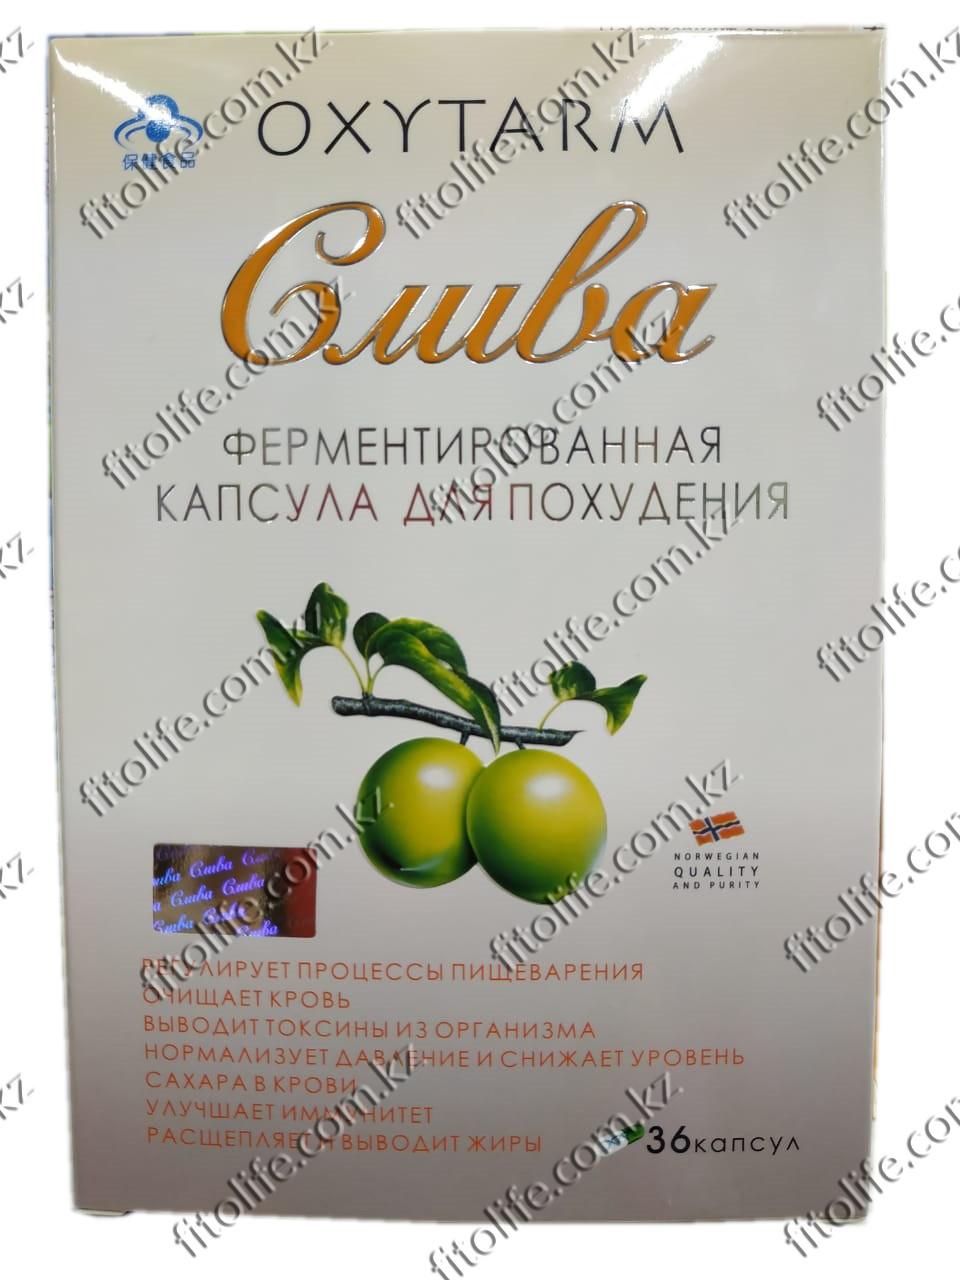 Ферментированная слива для похудения в капсулах